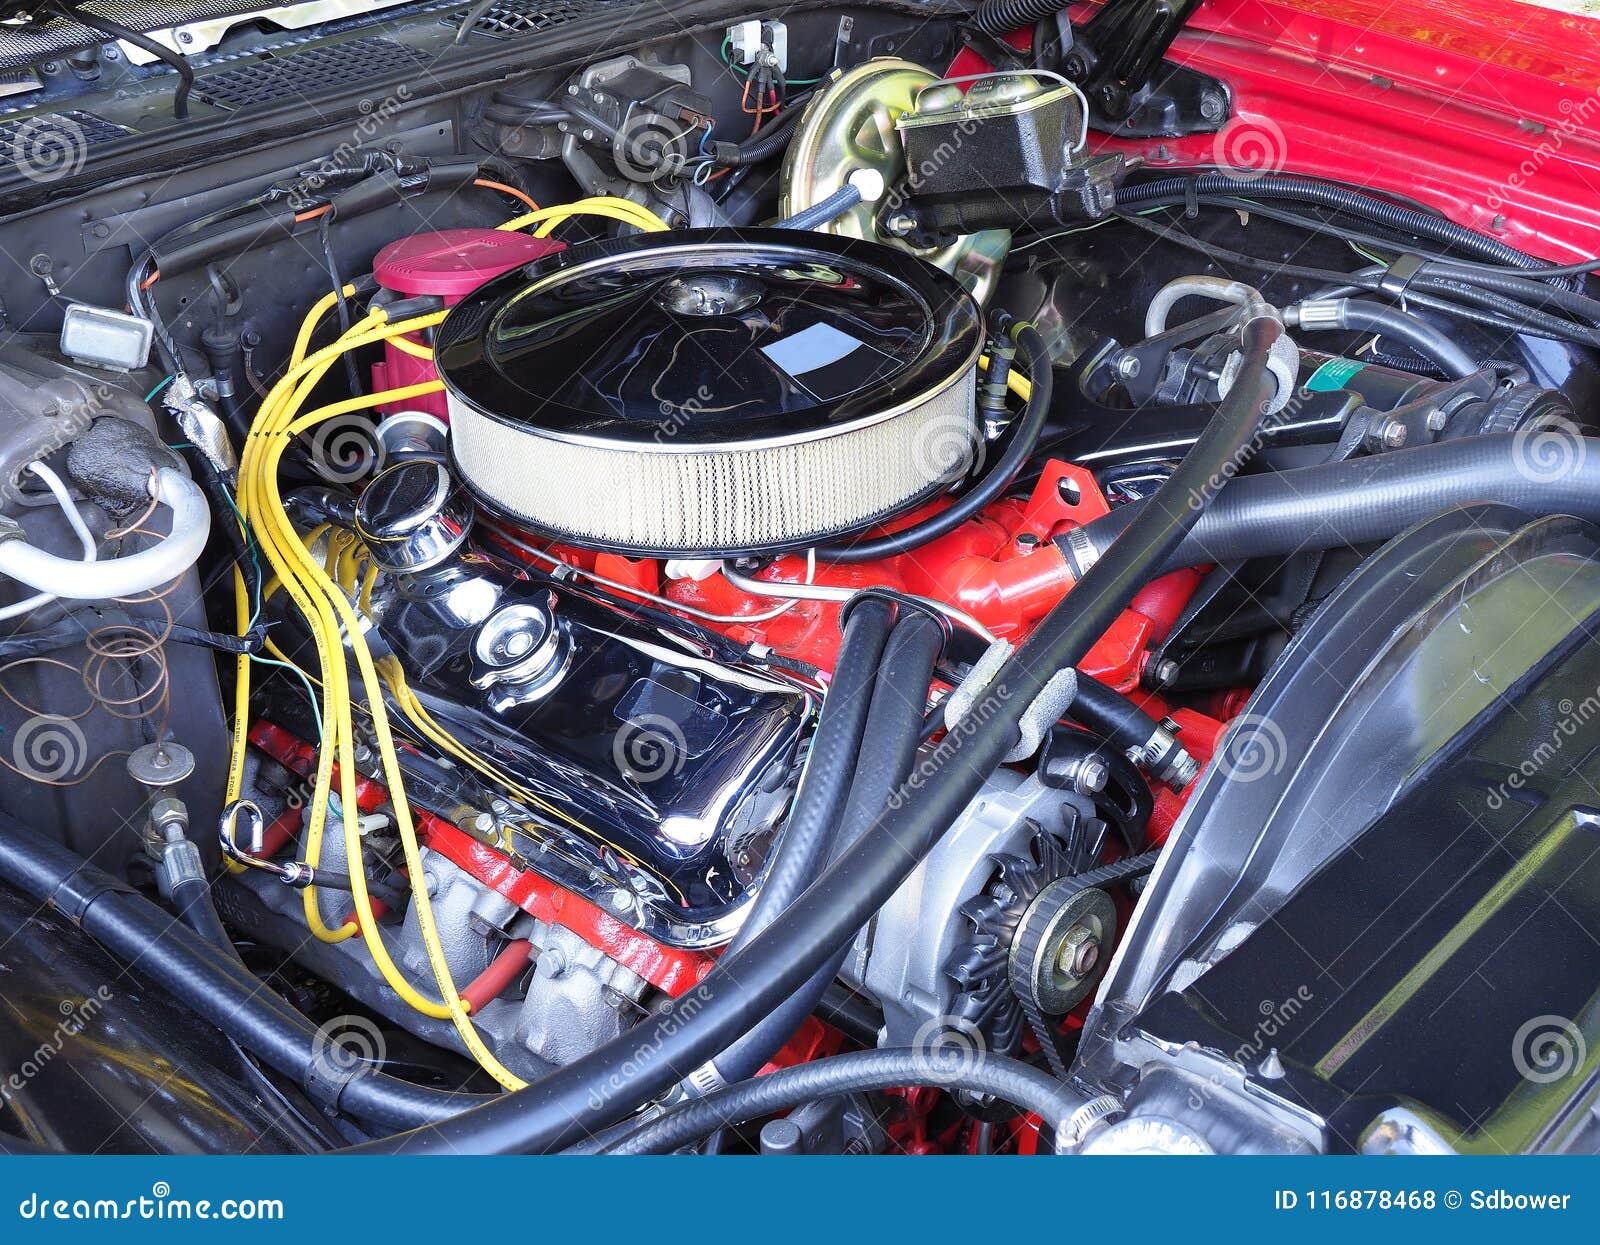 Motor restaurado de V8 em um 70s Car modelo americano